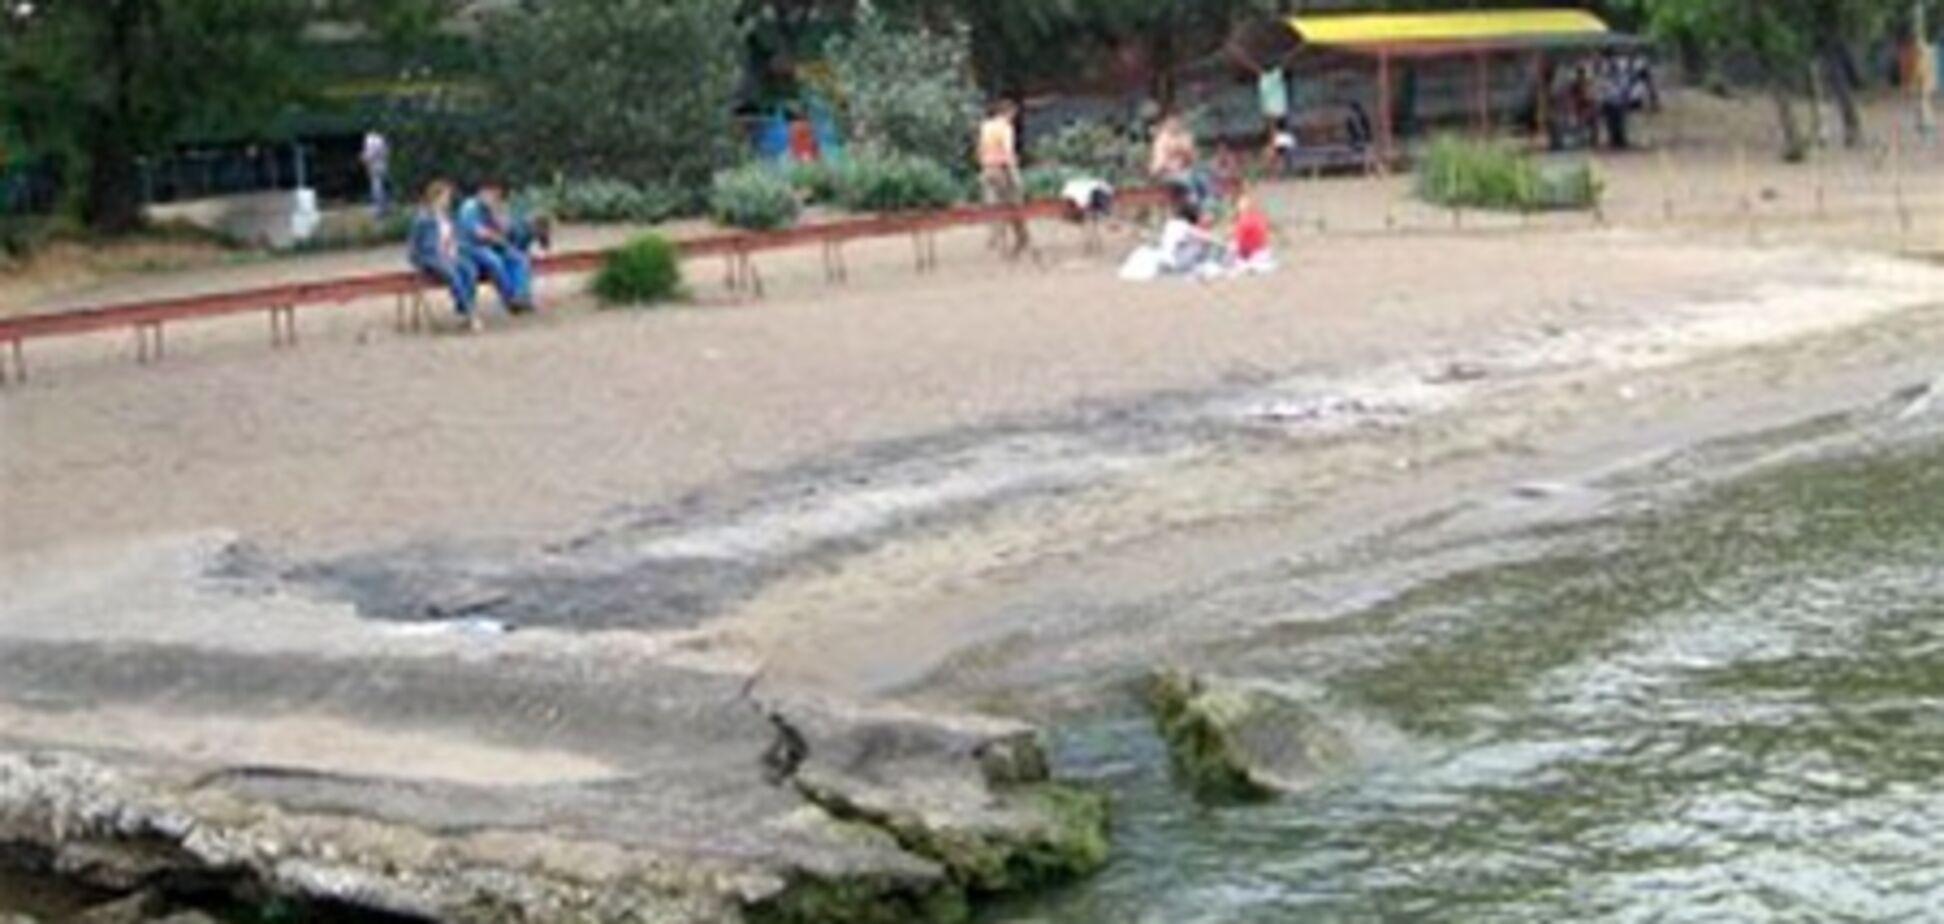 Холера в Мариуполе: запрещено купаться в море, ловить и продавать рыбу